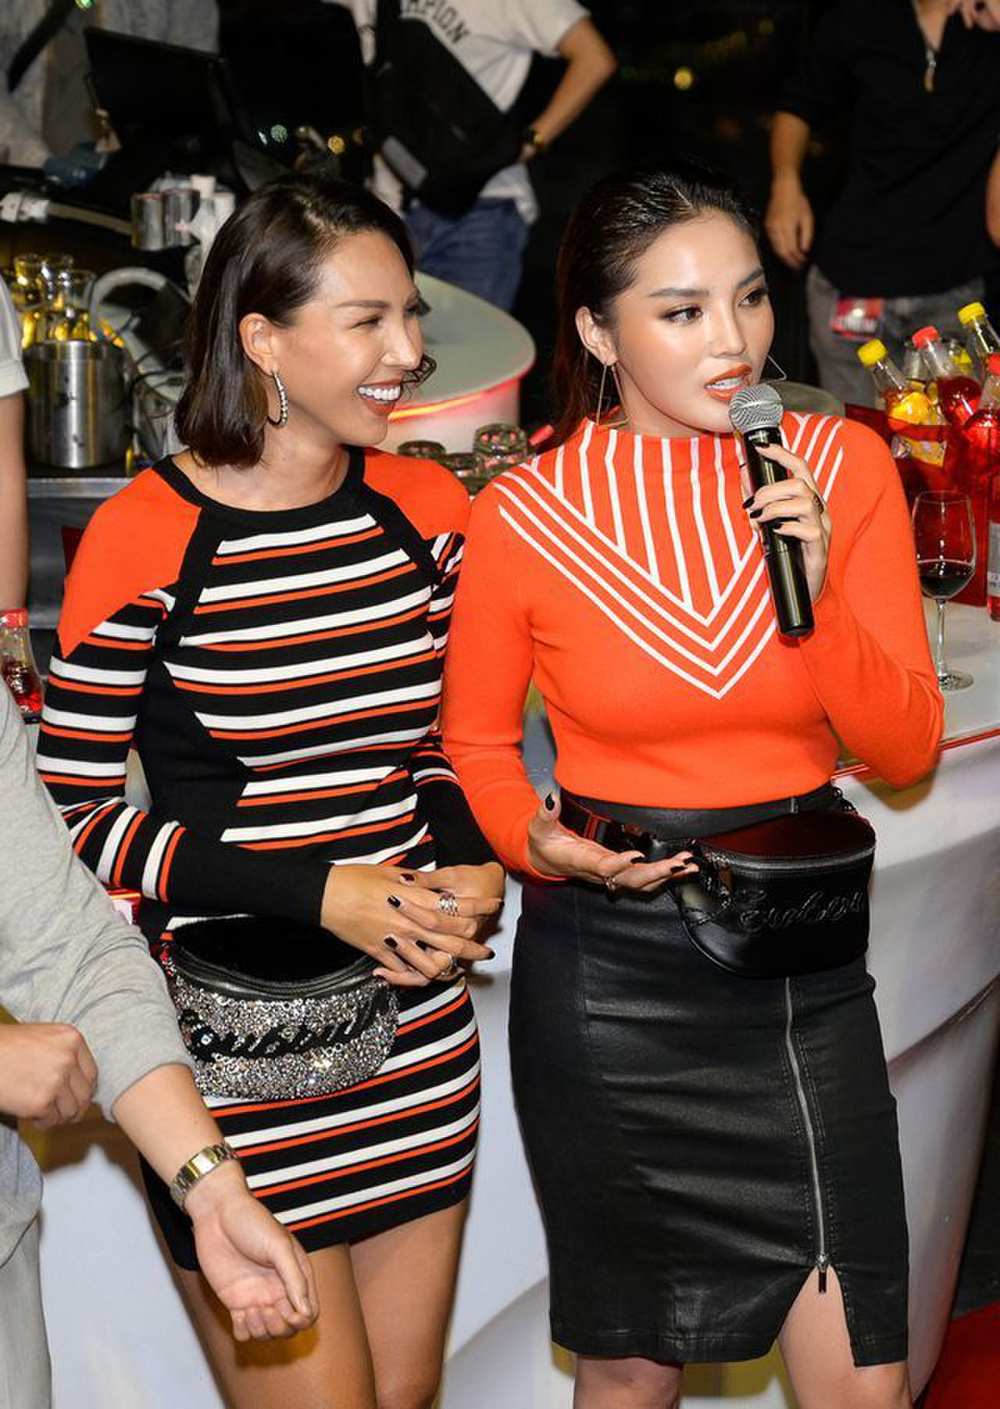 Sao Việt lộ mỡ thừa vì váy bó, body chuẩn như Mai Phương Thúy, Võ Hoàng Yến cũng dính nạn Ảnh 8